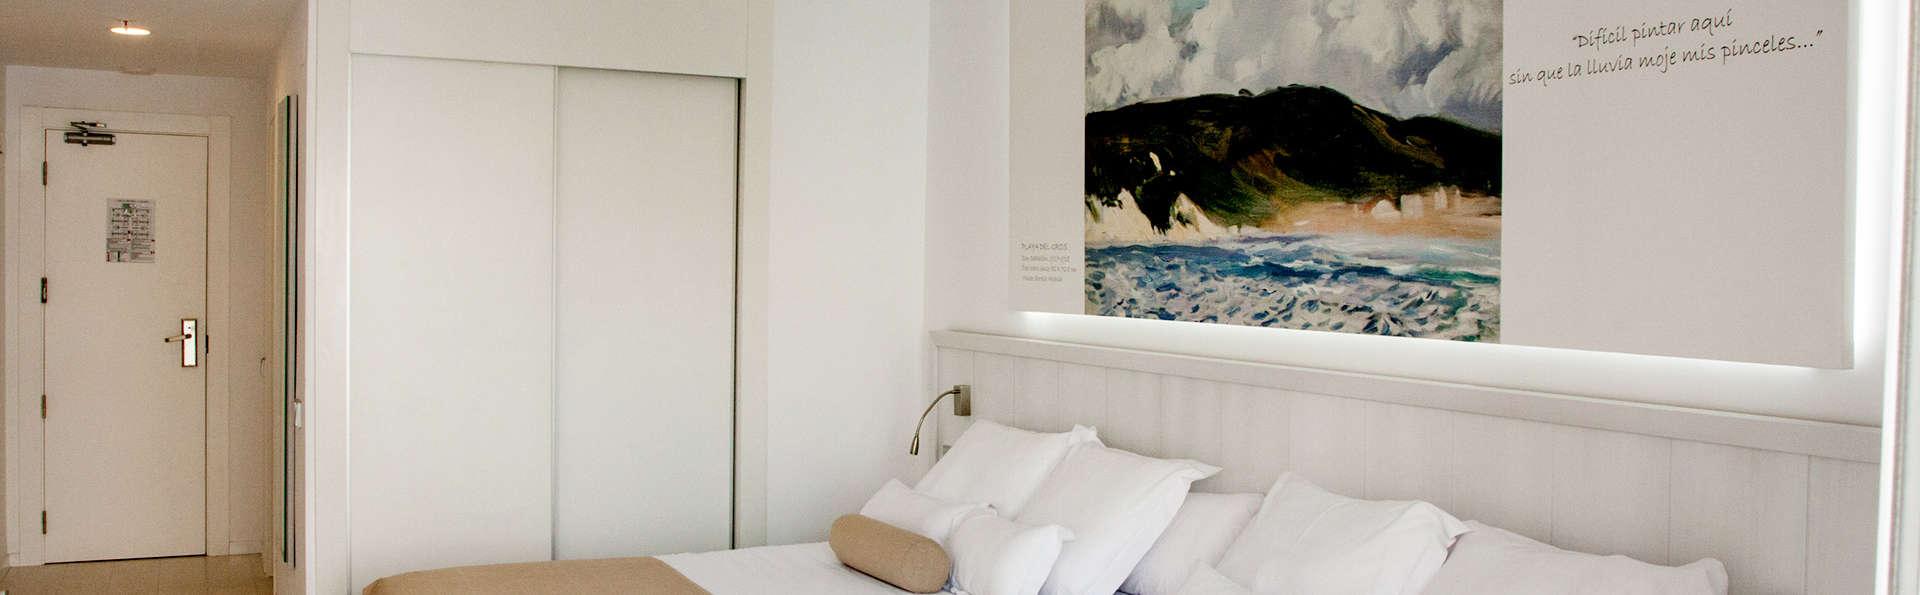 Réveillez-vous à Playa de Gandía avec petit-déjeuner et de bonnes vibrations (non remboursable)